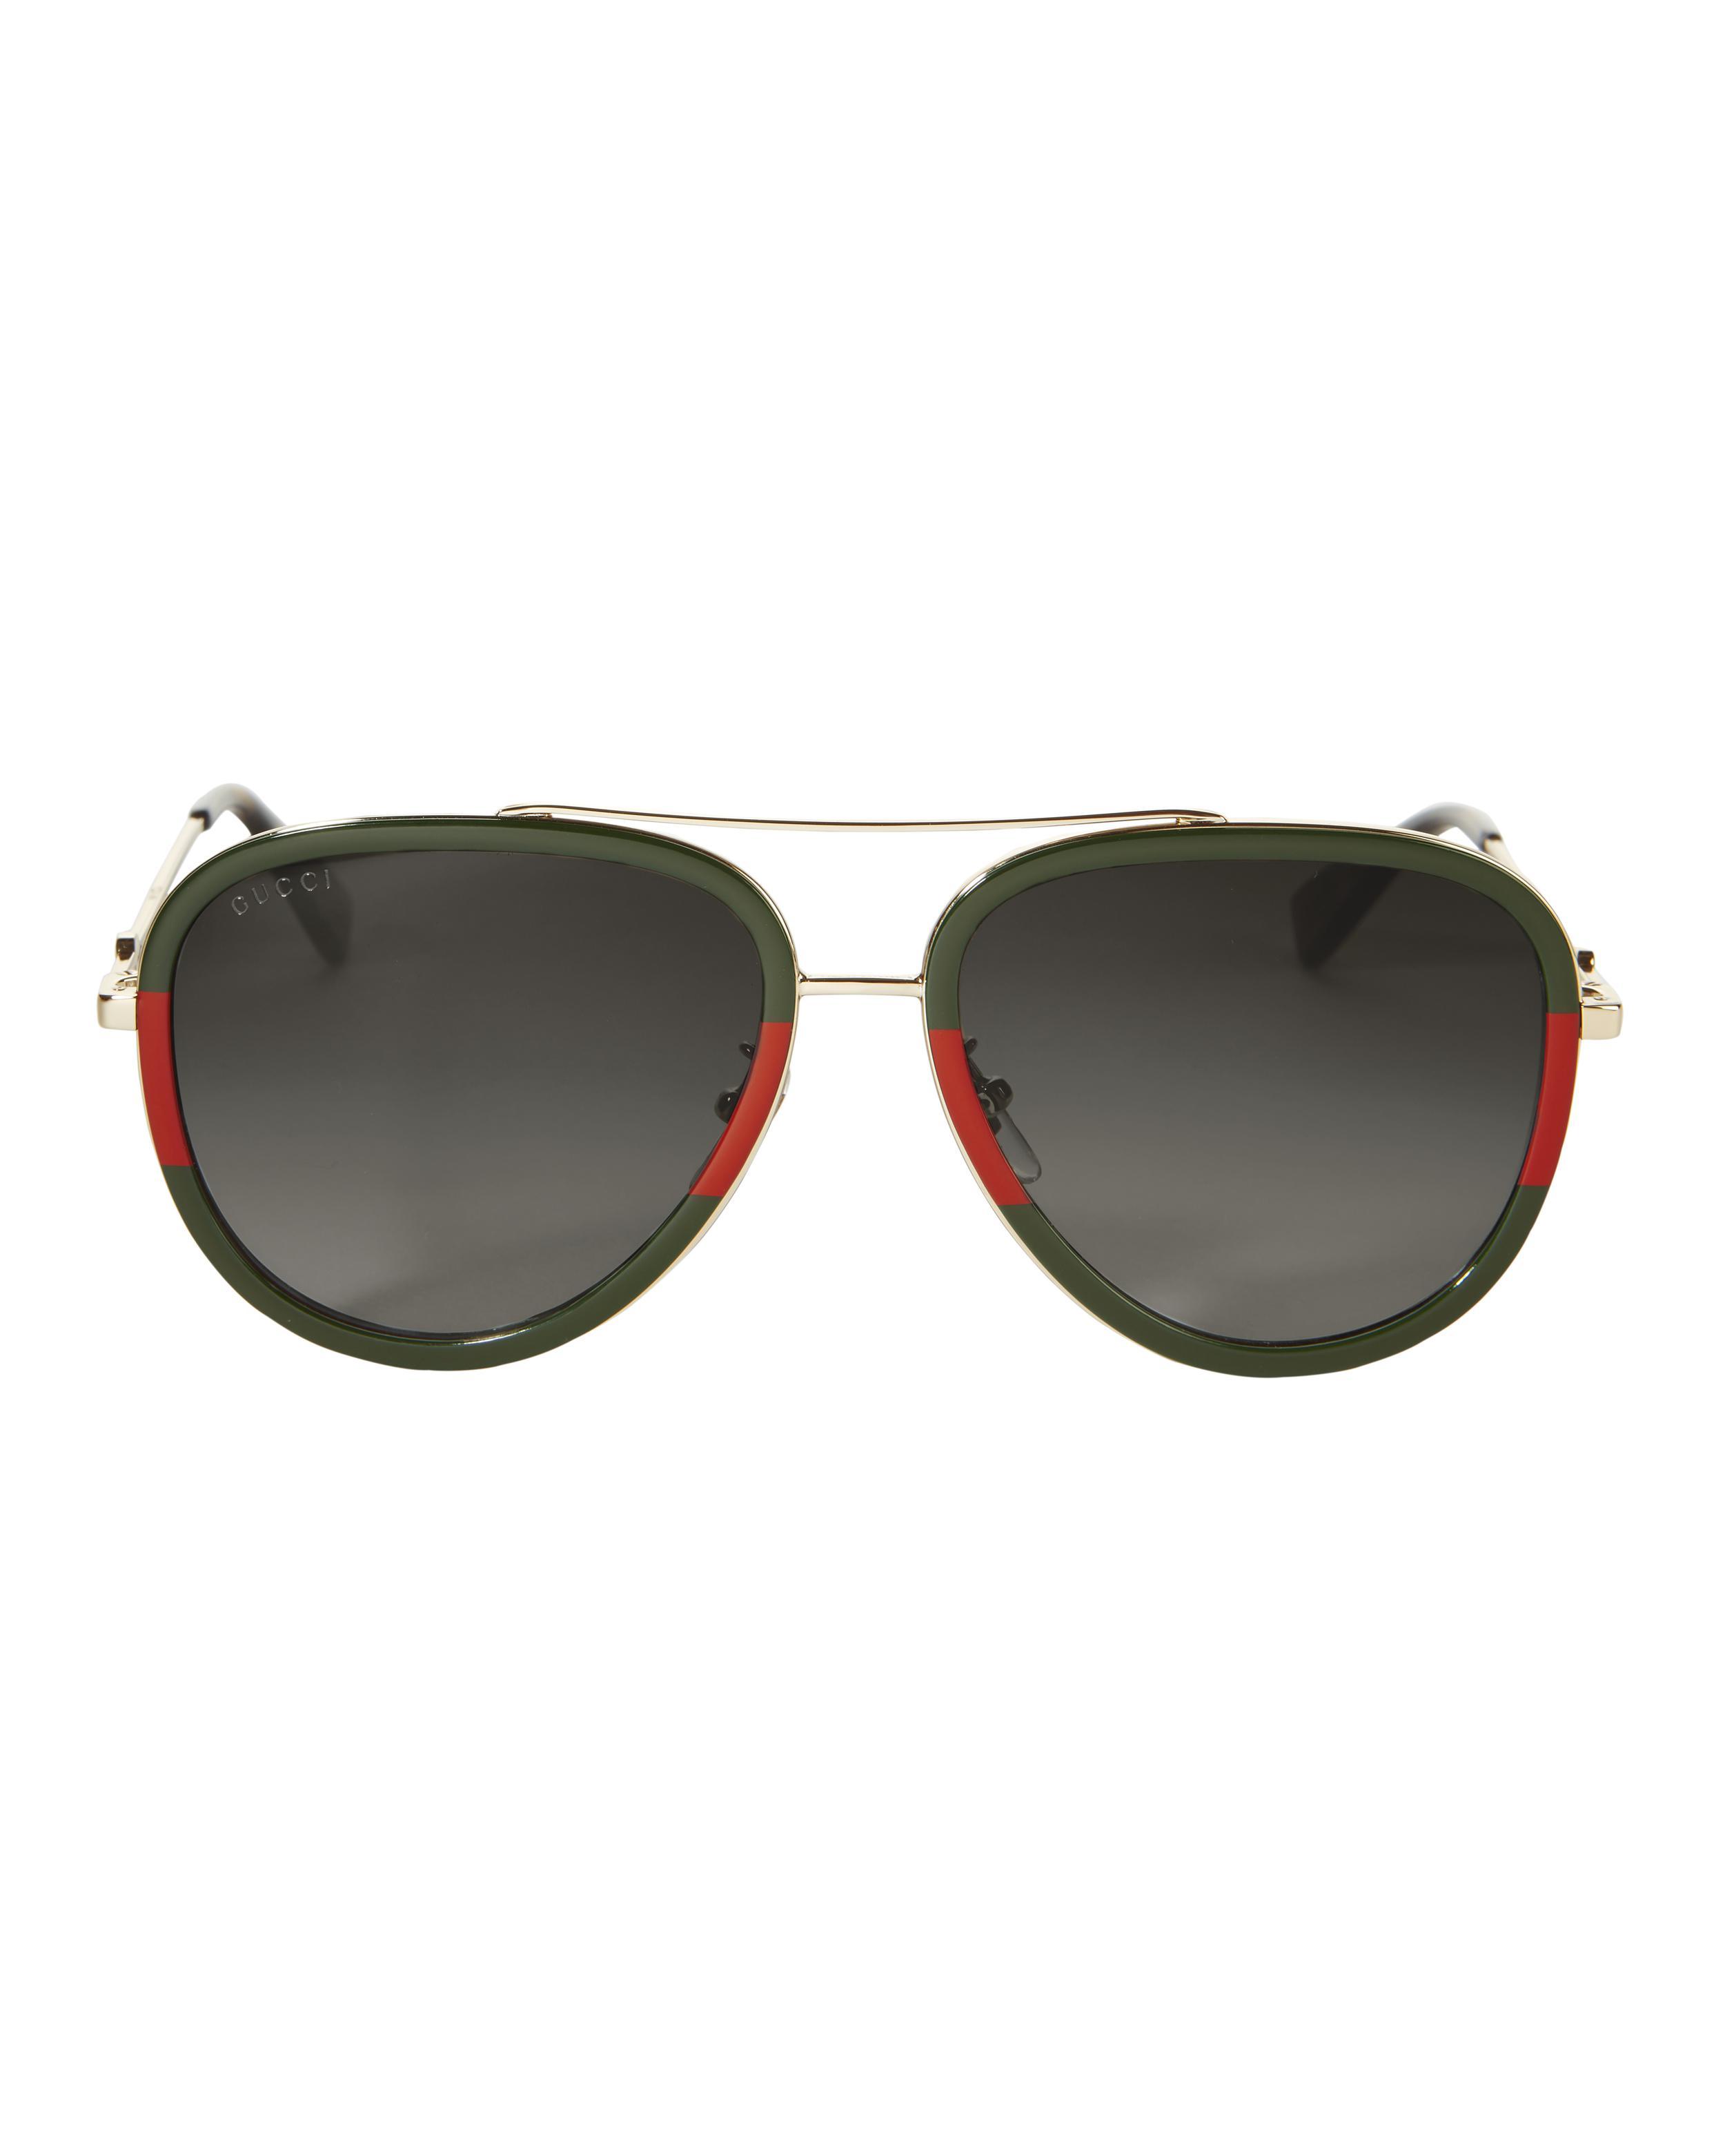 bdfc431374a Lyst - Gucci Bi-color Aviator Sunglasses in Metallic